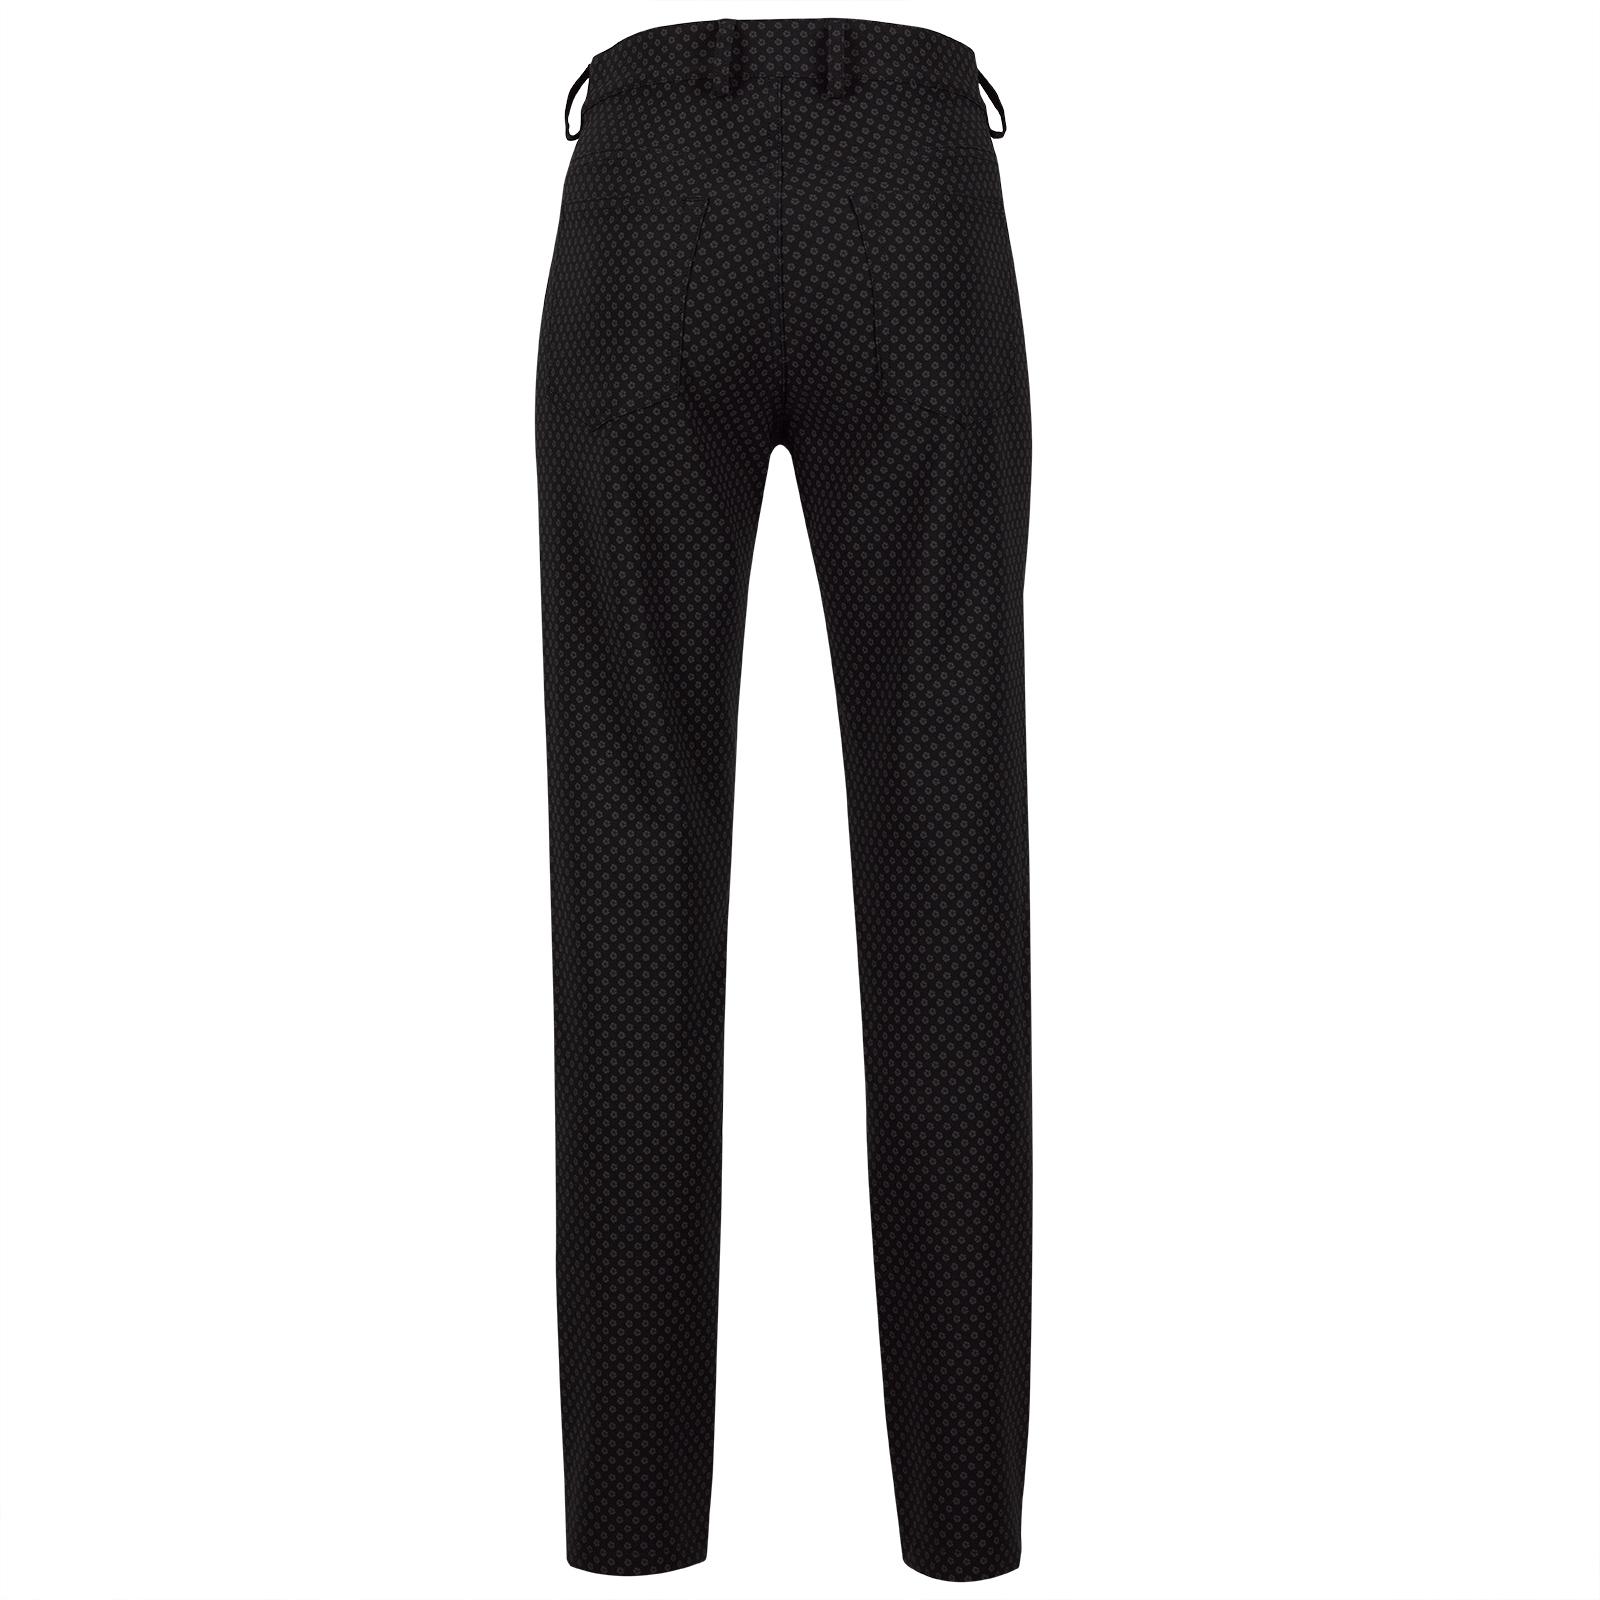 Modische 7/8 Slim-Fit Damen Golfhose aus 4-Way-Stretch mit Print